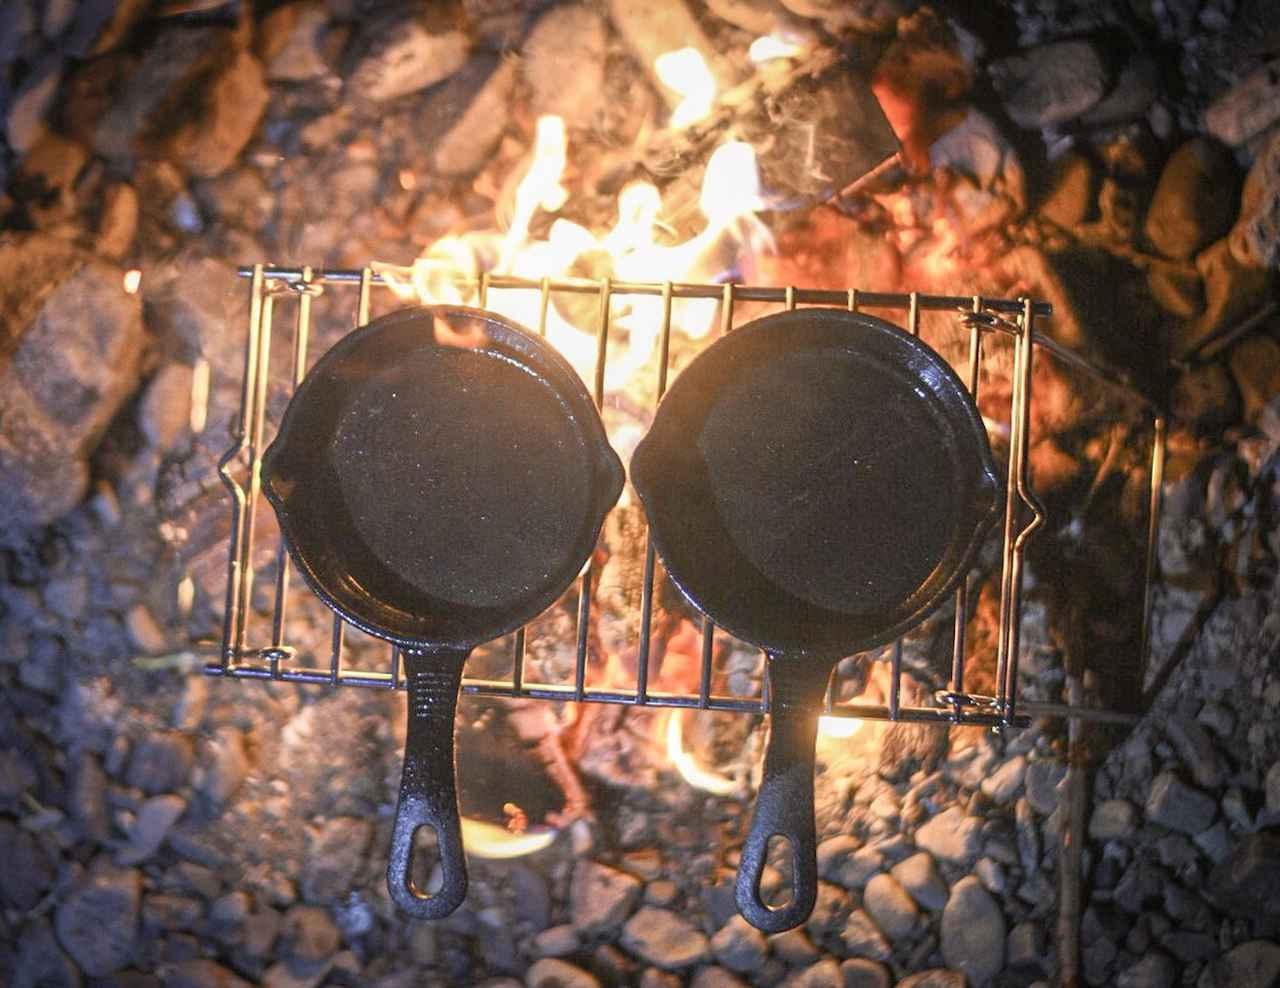 画像6: ソロキャンプにおすすめな調理道具4選! スキレット・鉄板料理の簡単レシピもご紹介